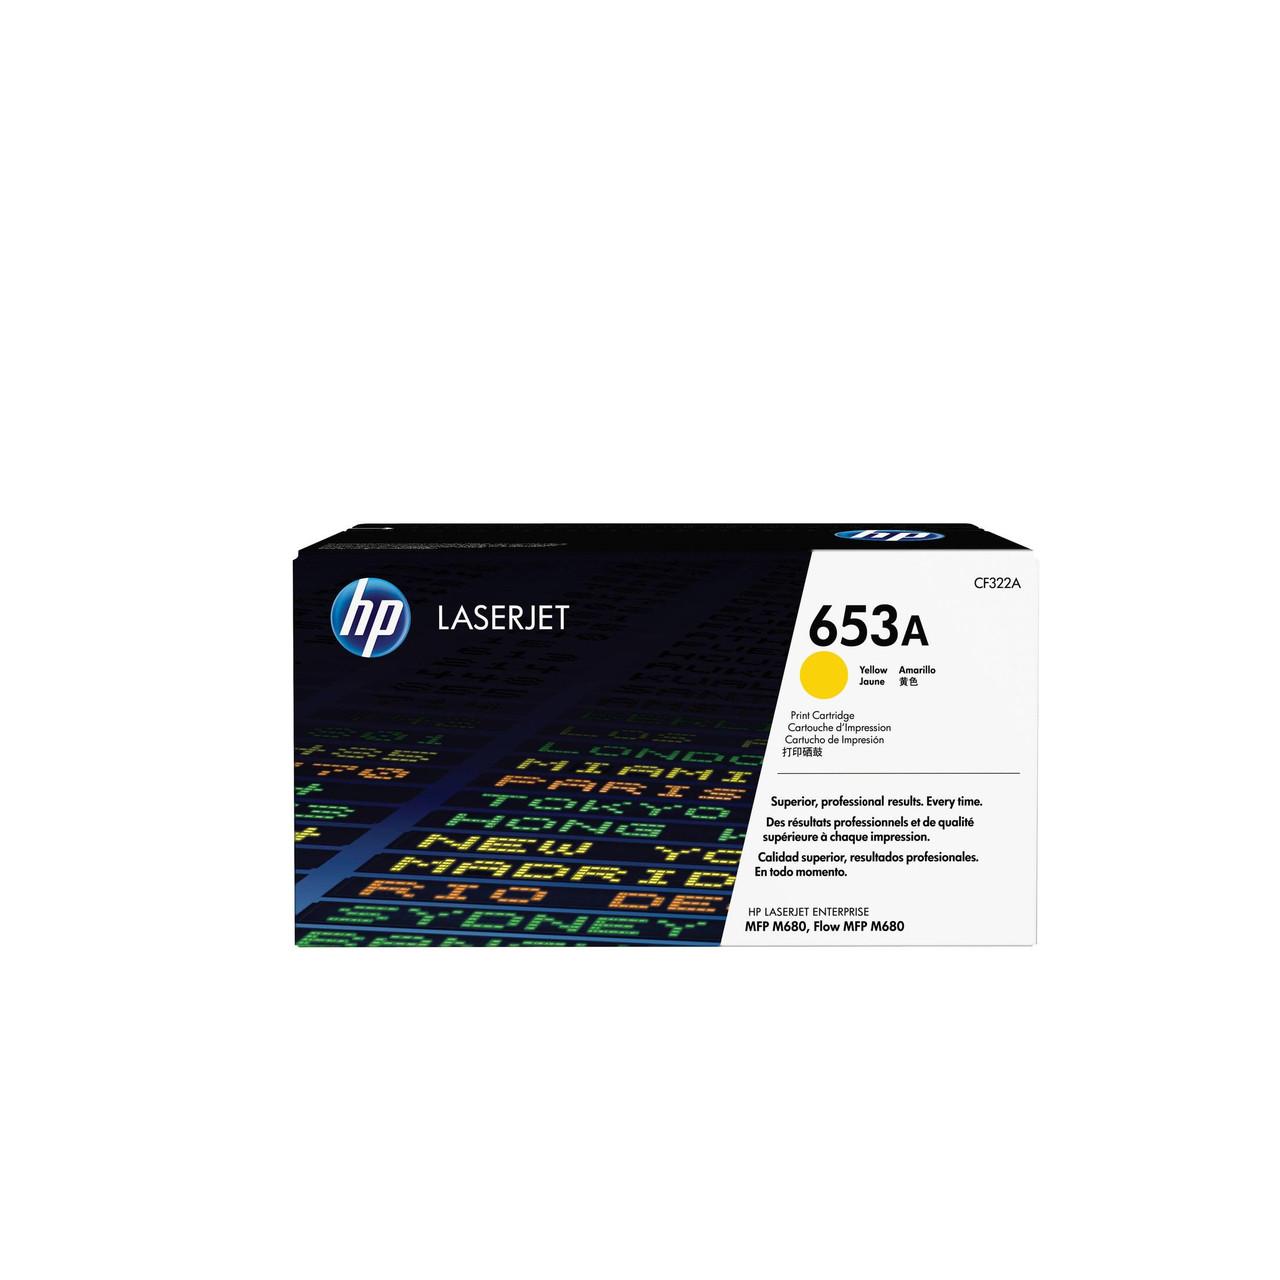 Лазерный картридж HP 653A (Оригинальный, Желтый - Yellow) CF322A